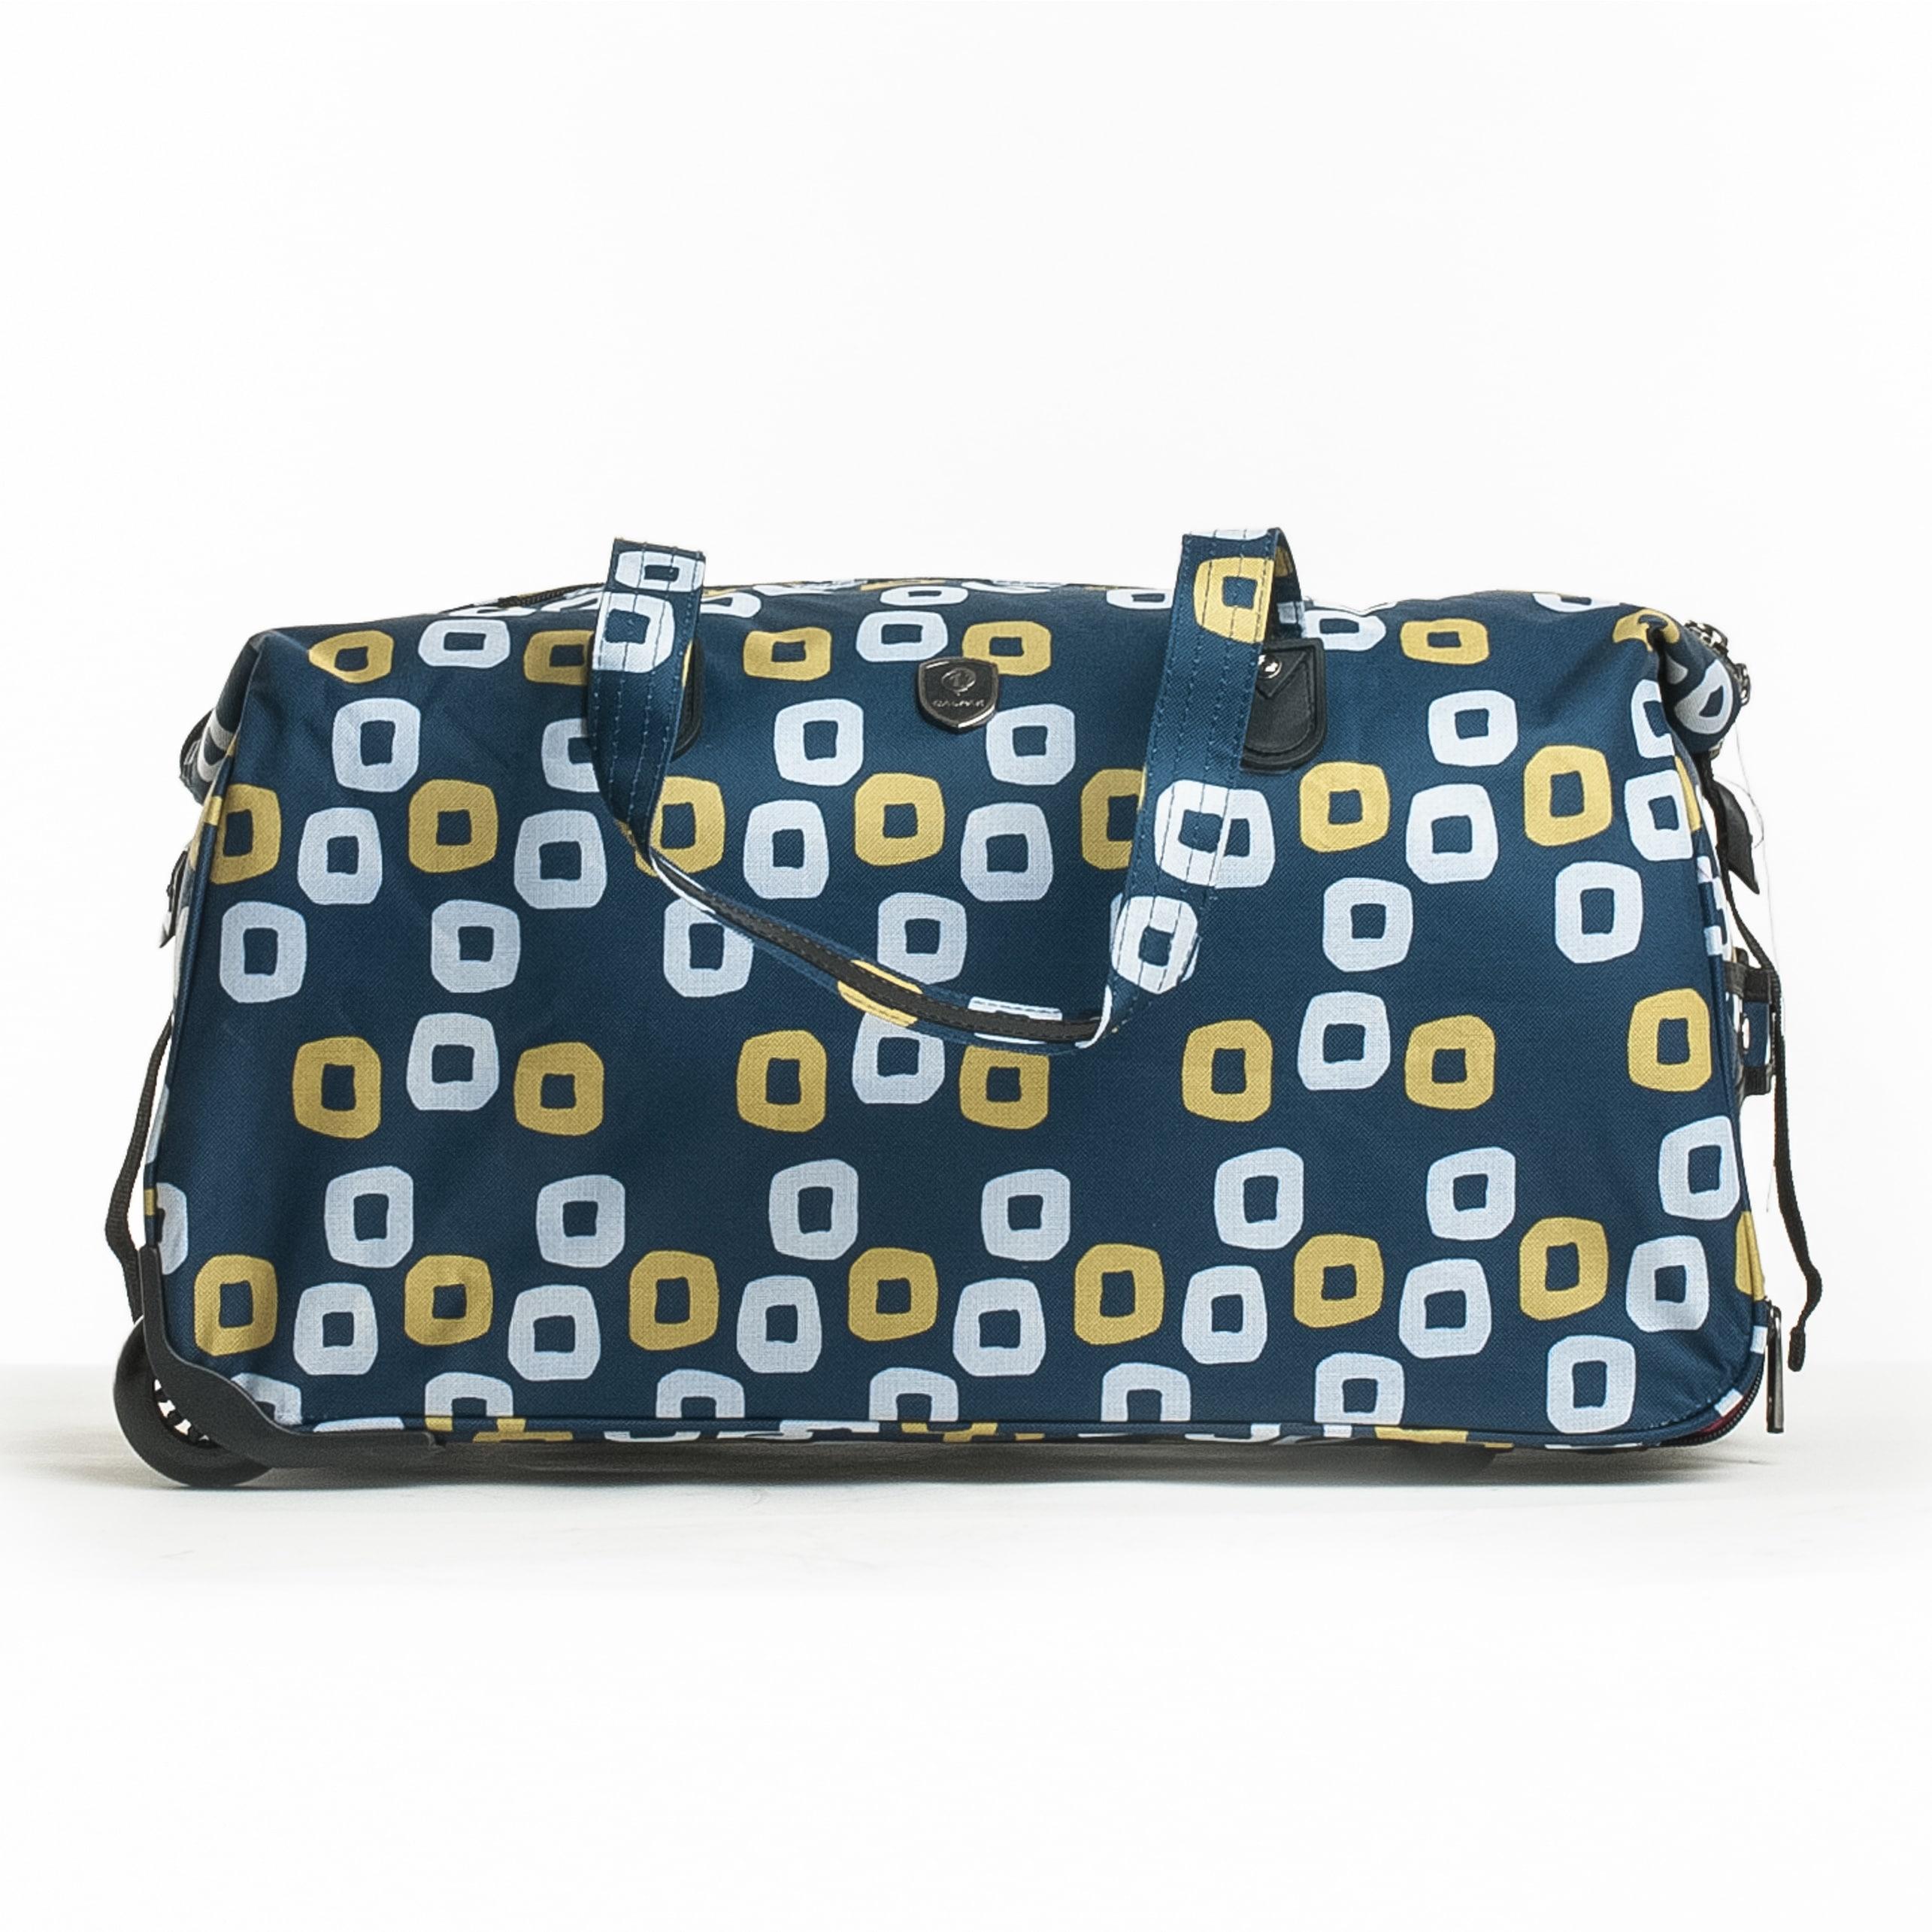 7ddf77a47571 CalPak 'Madison' Bold Koji 21-inch Carry On Rolling Duffel Bag